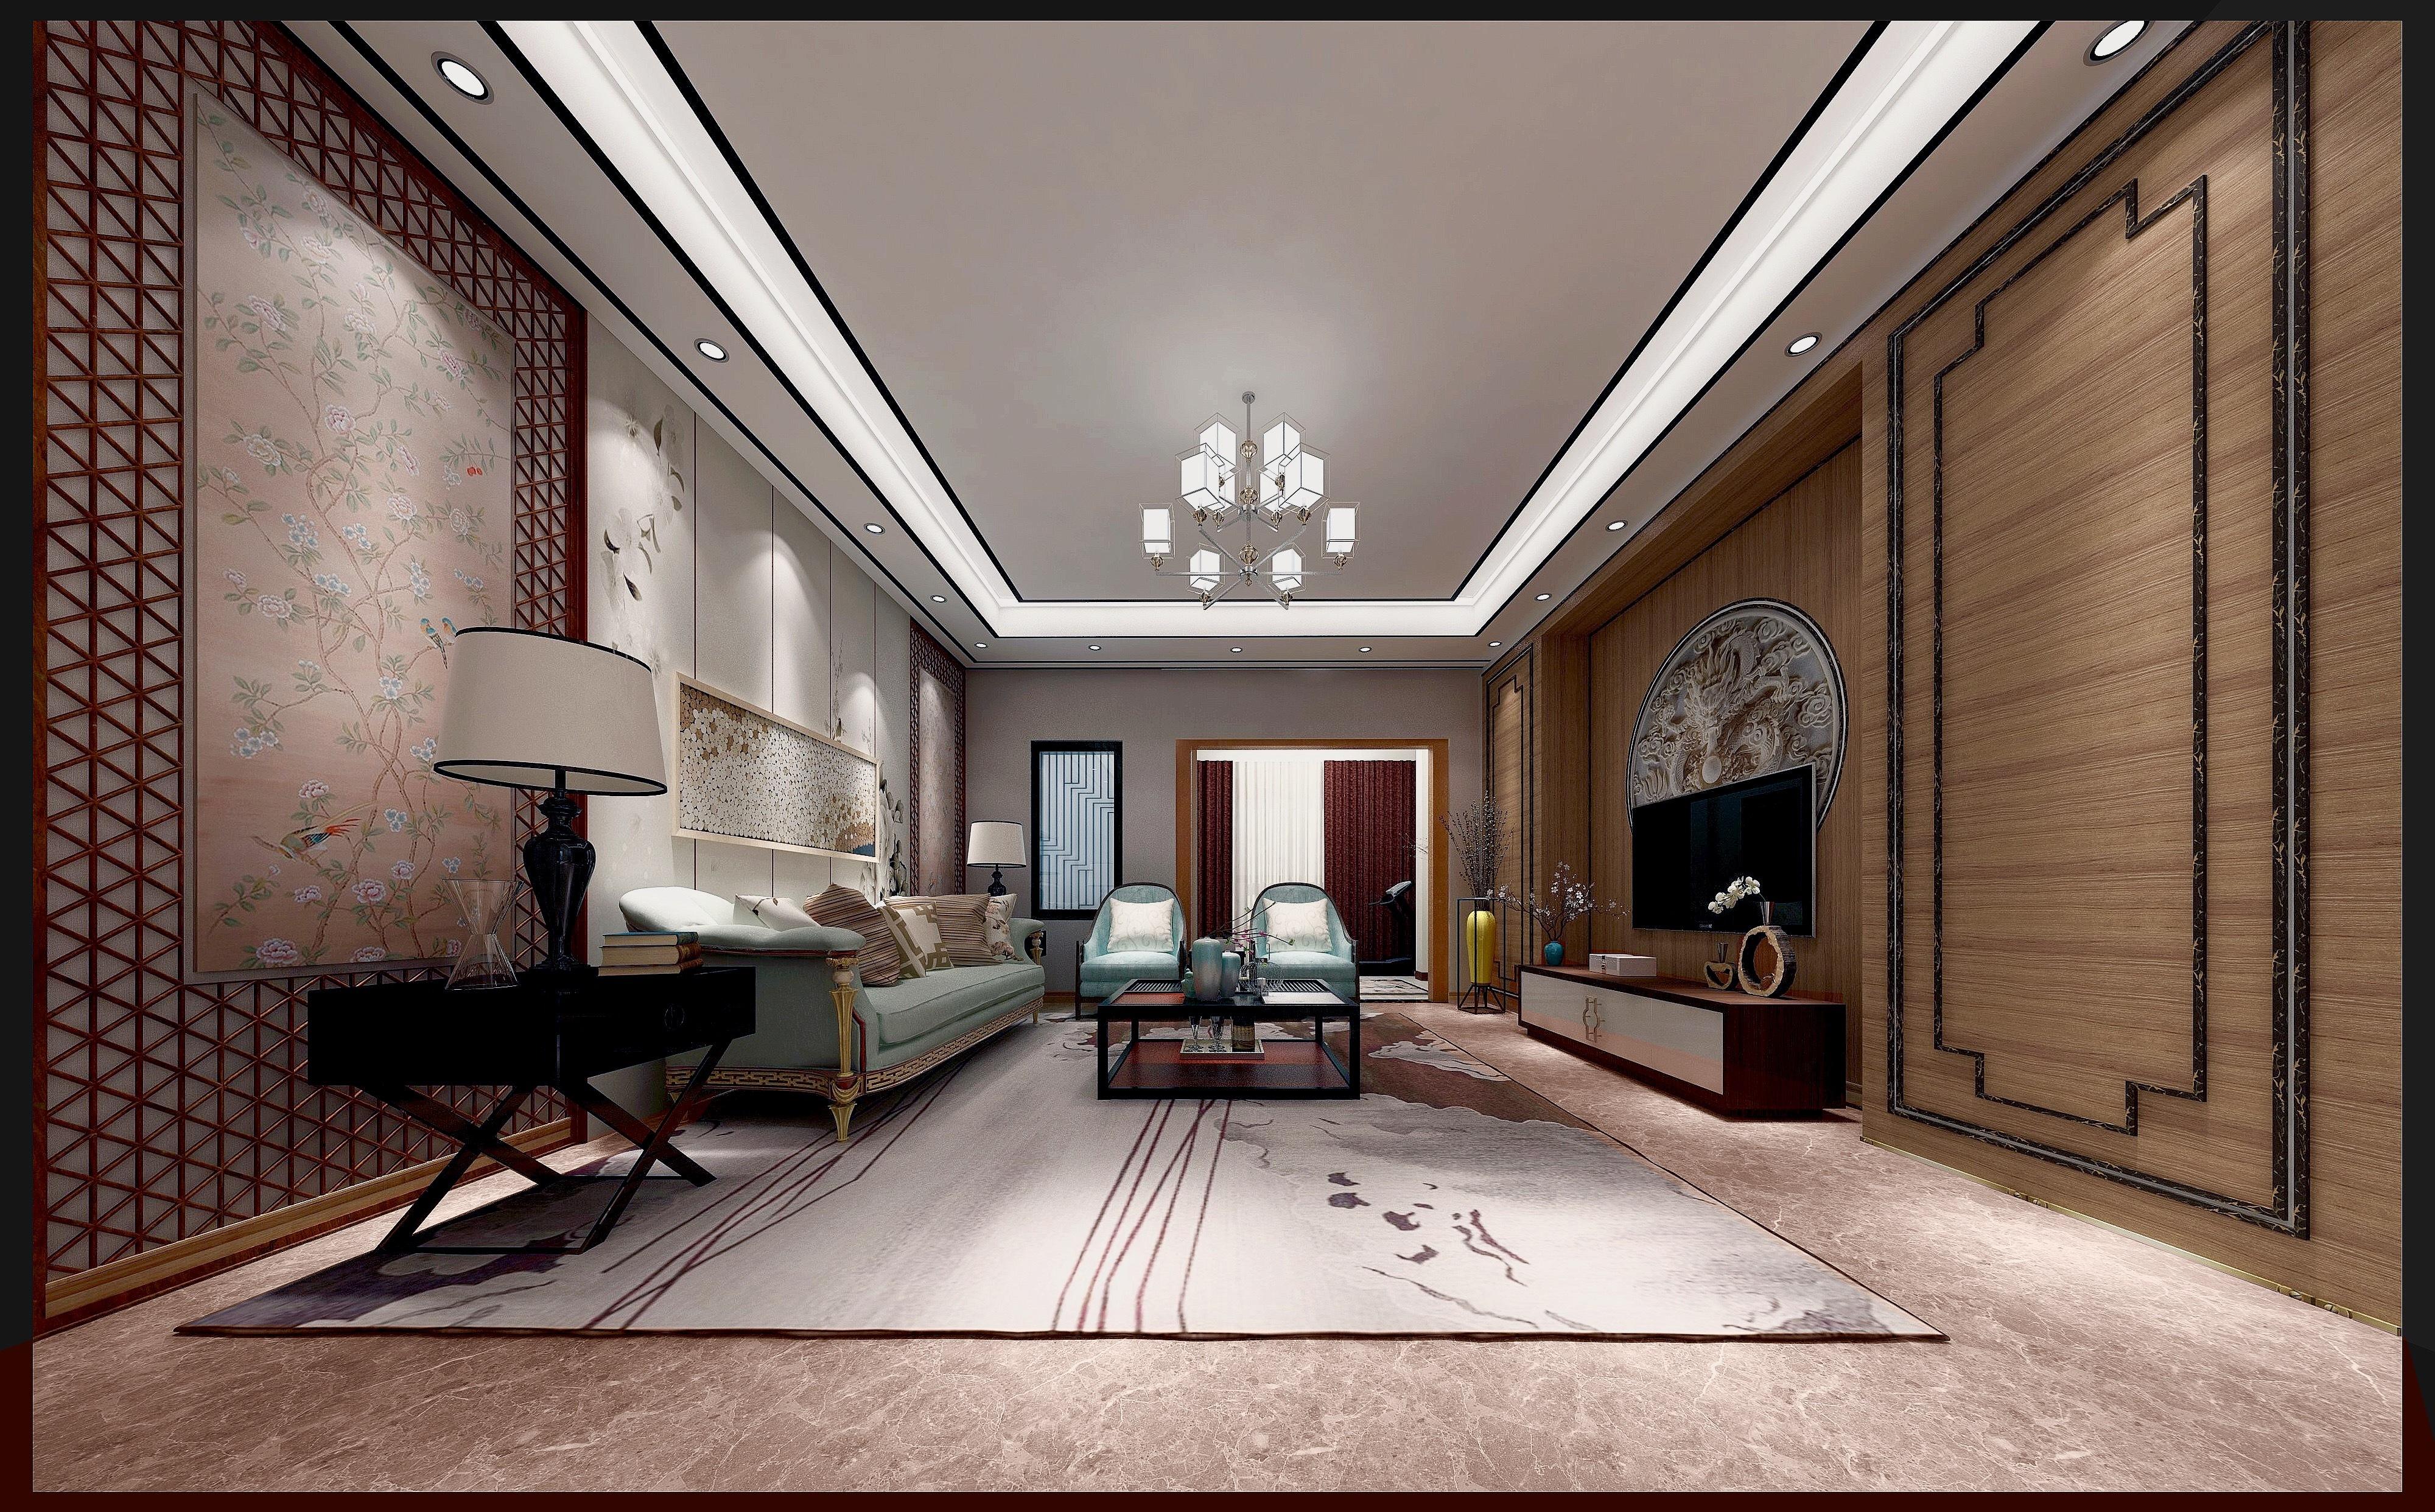 新中式设计|空间|室内设计|好闲萝卜 - 原创作品